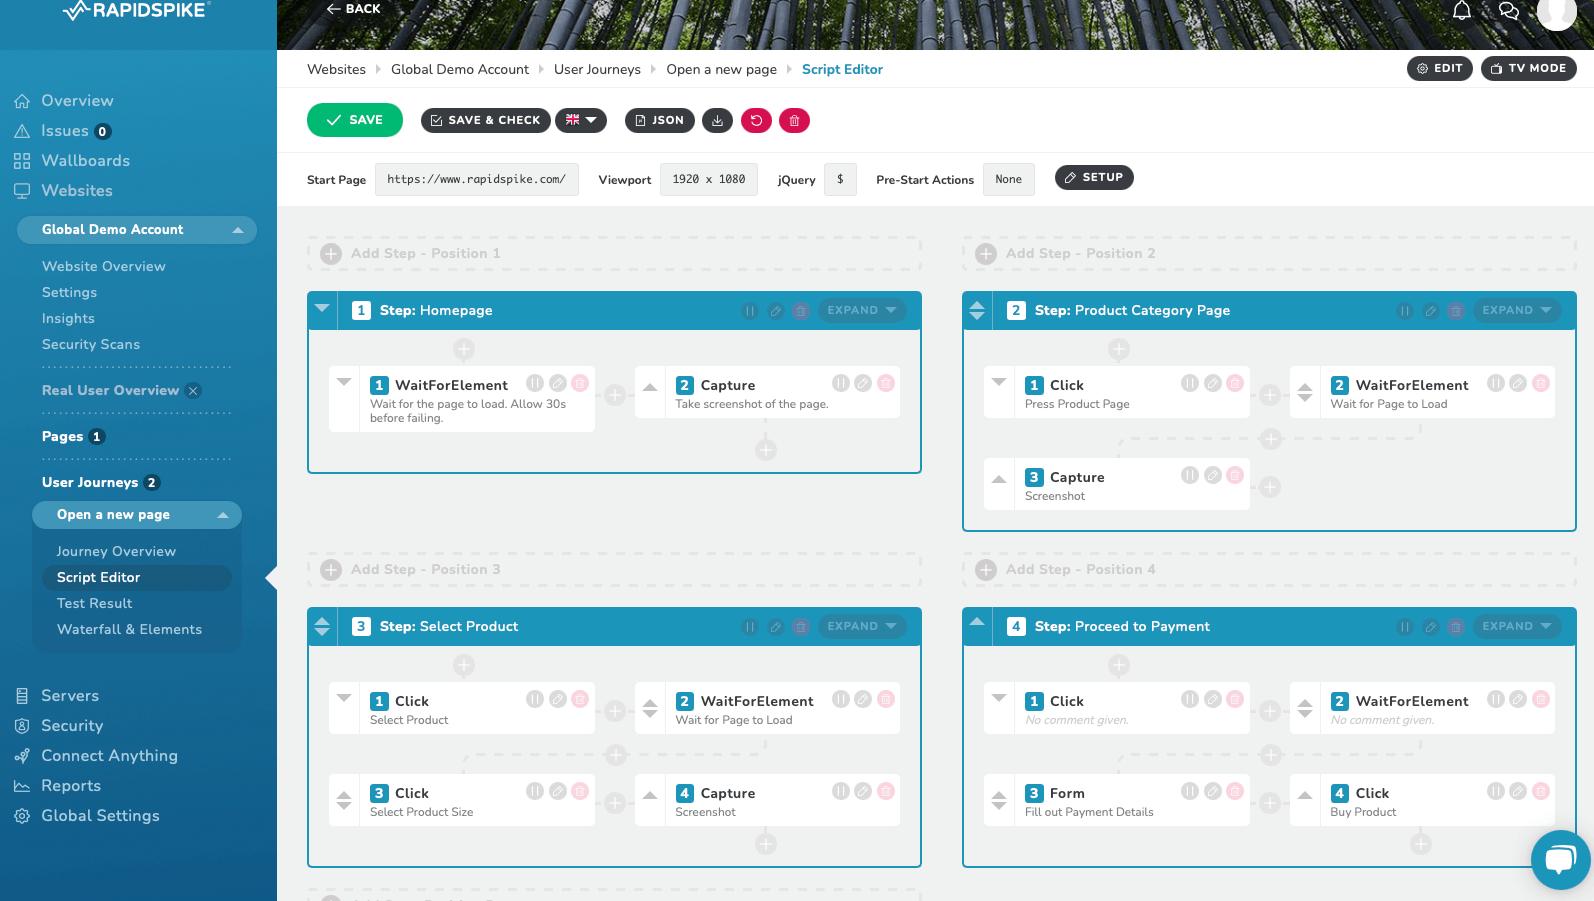 Website Monitoring - RapidSpike User Journey Script